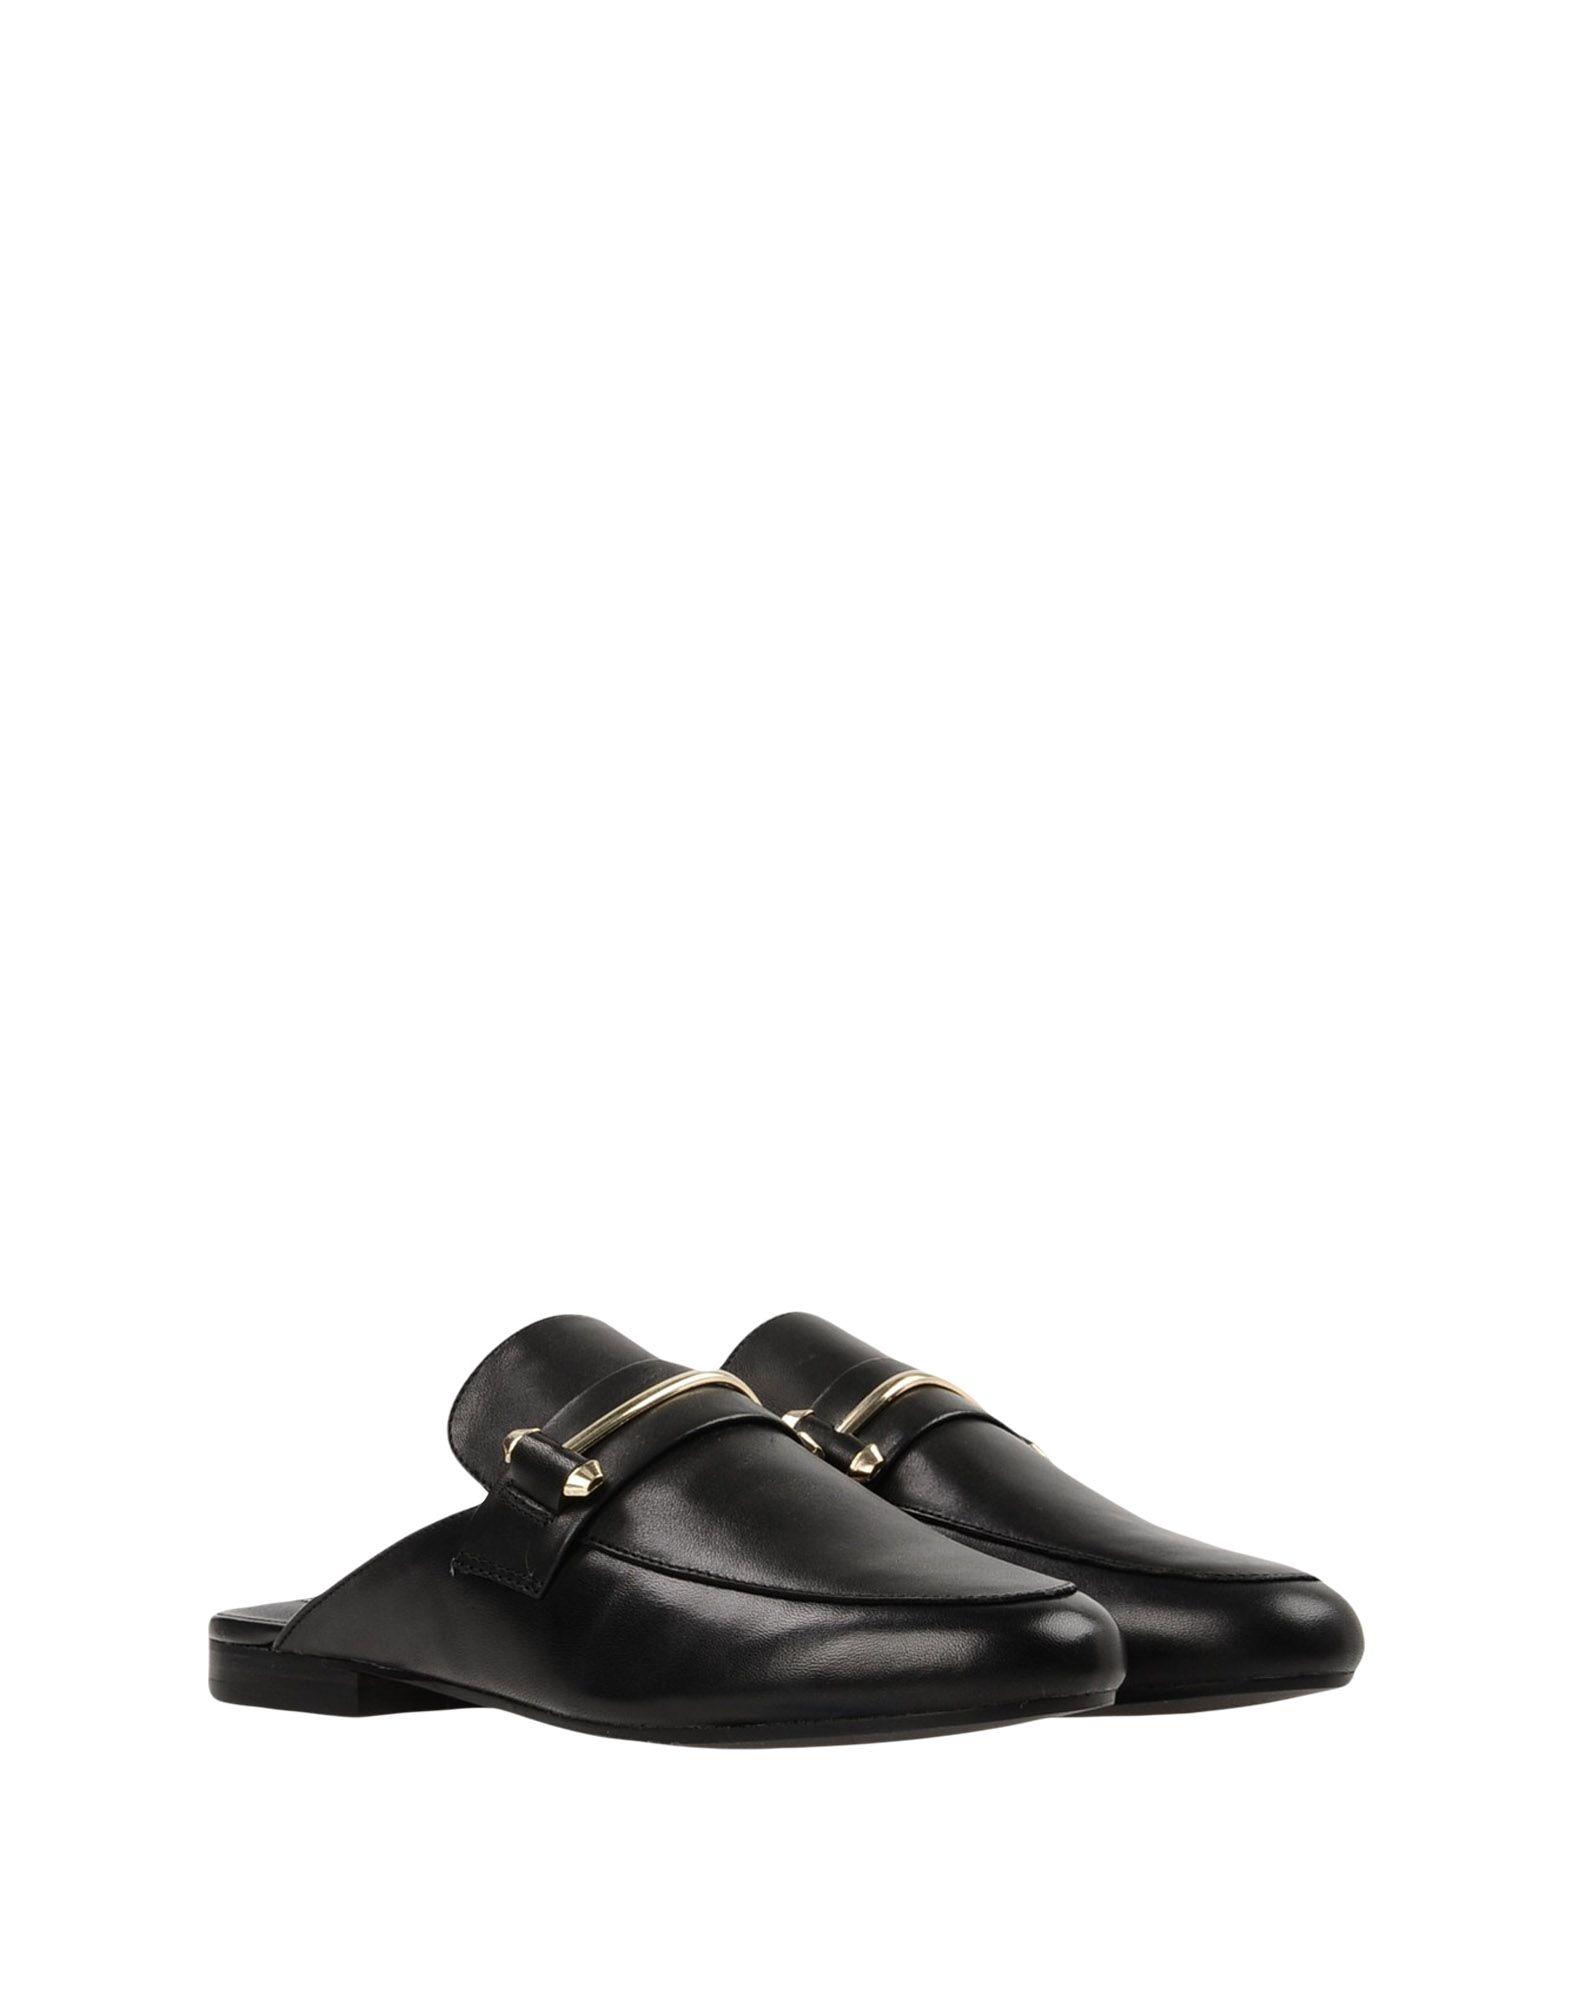 Steve Madden Kera Qualität Mule  11438275EA Gute Qualität Kera beliebte Schuhe eed162